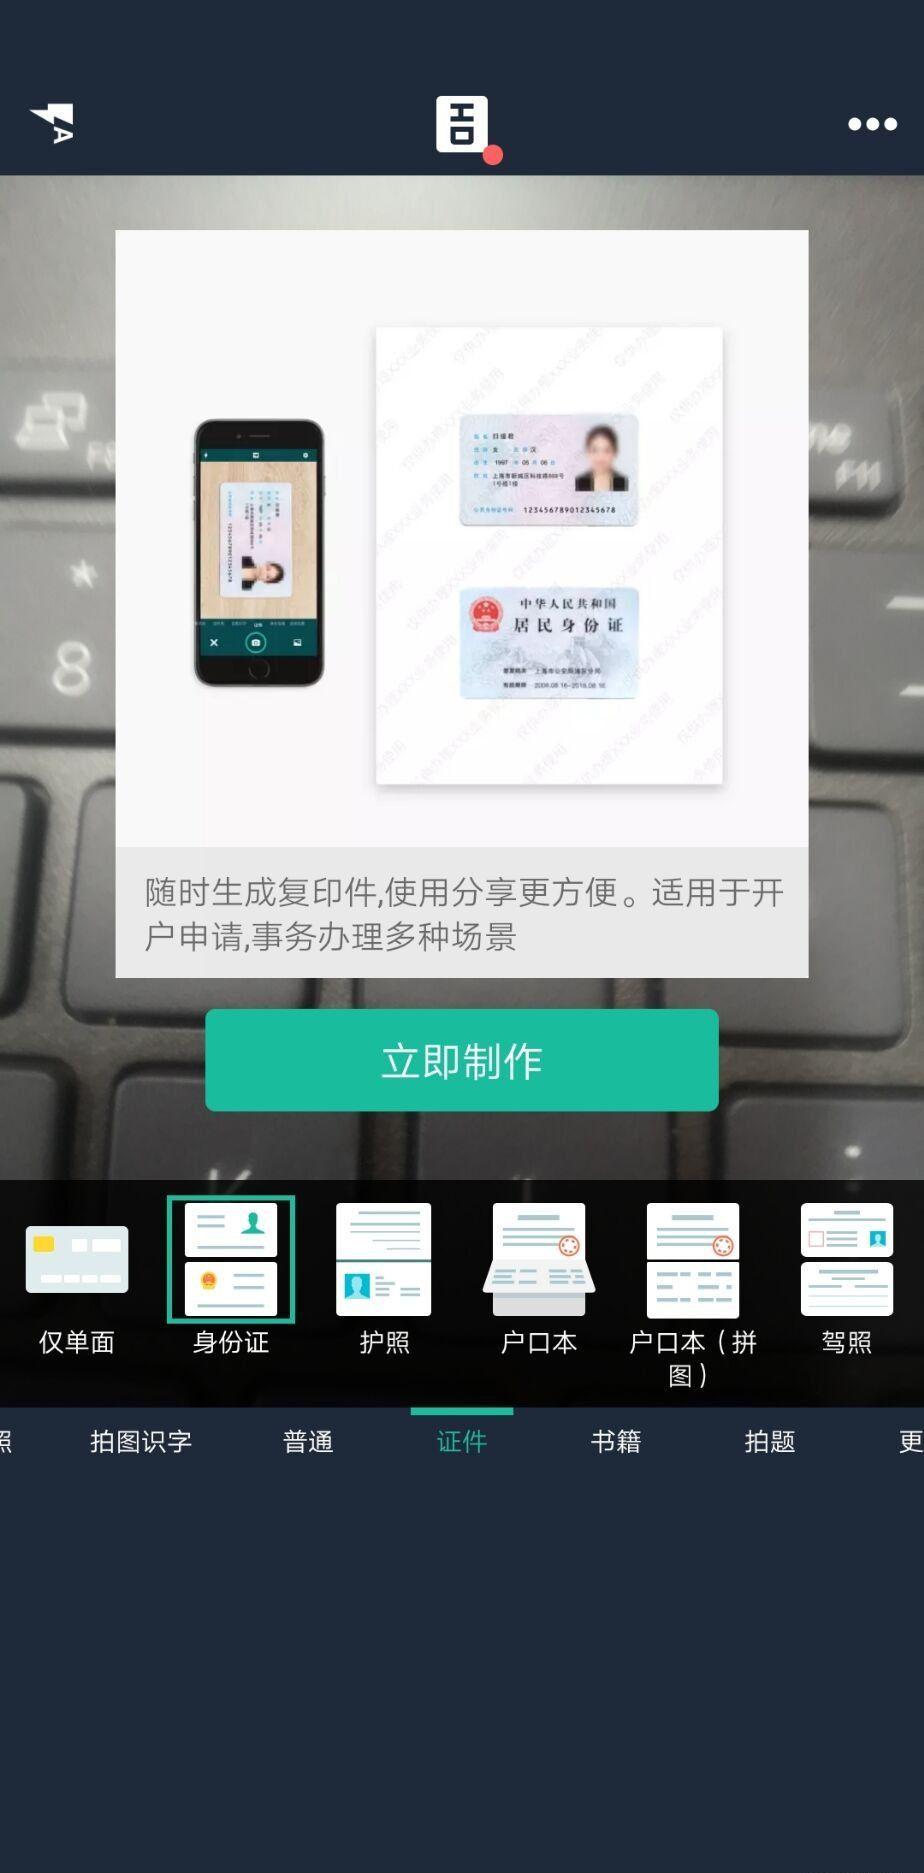 【Android】扫描全能王V5.25全解锁完美VIP版-爱资源分享